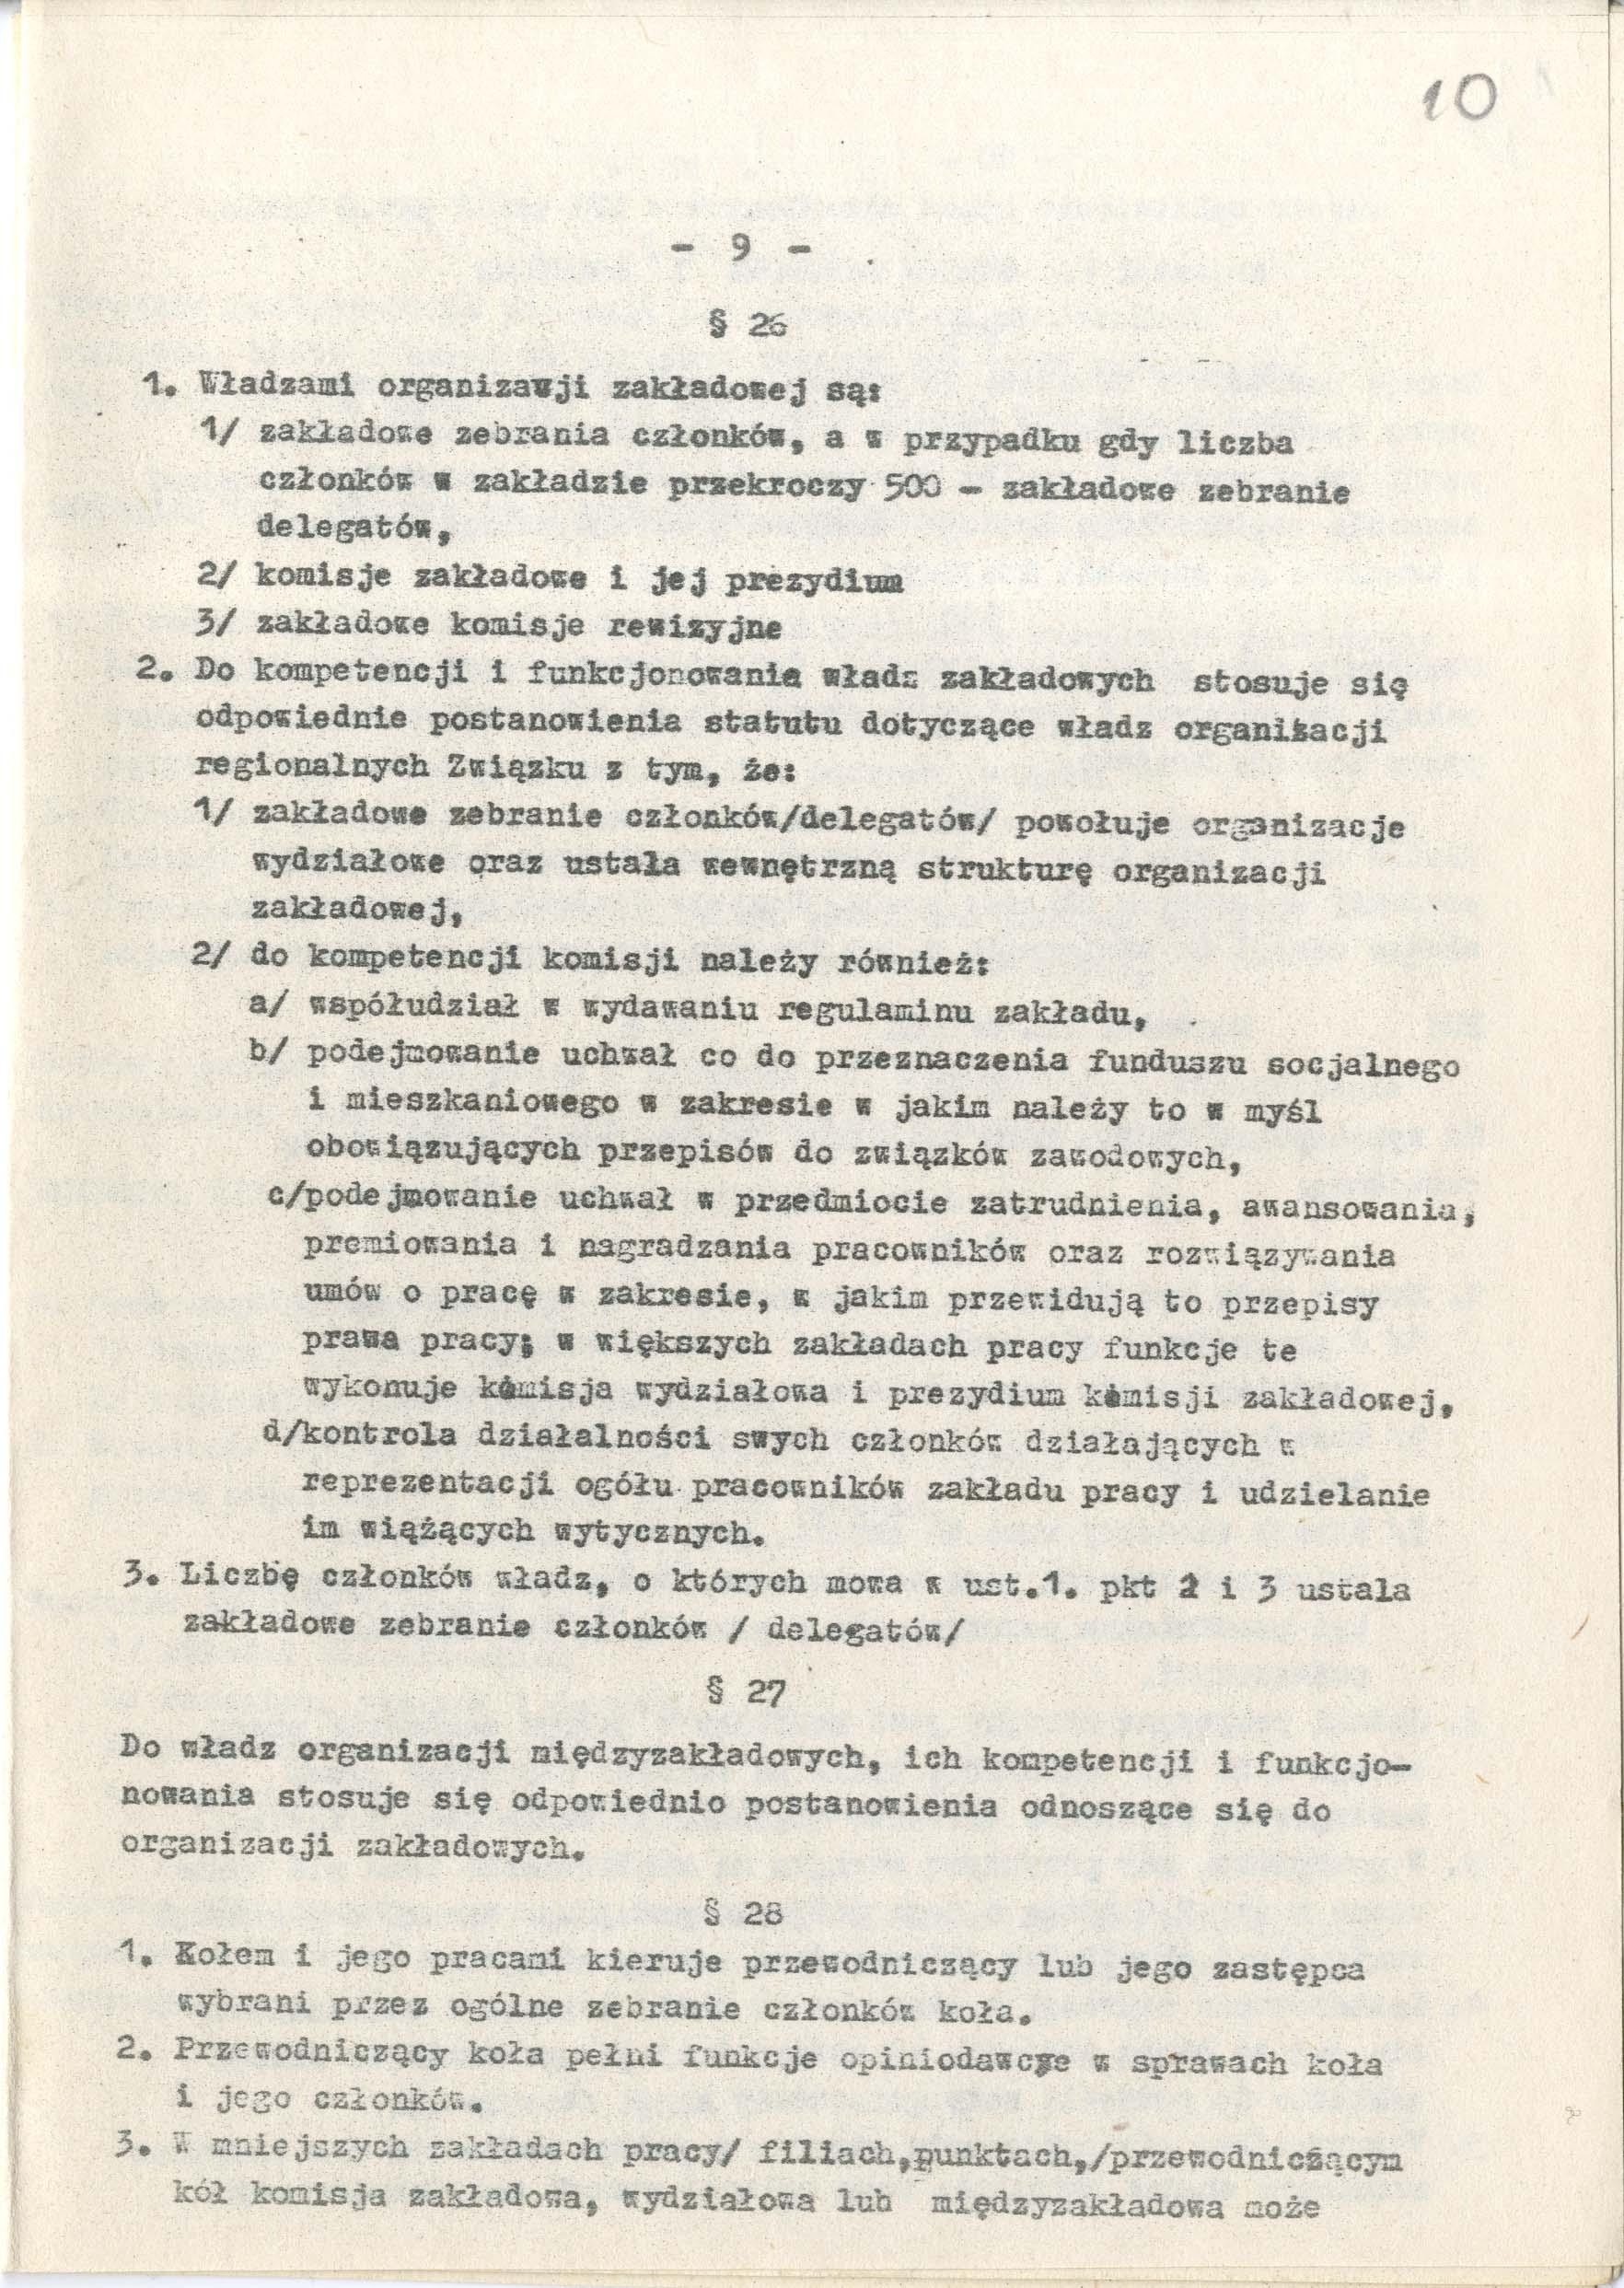 11.AKKS-347-112-1-010